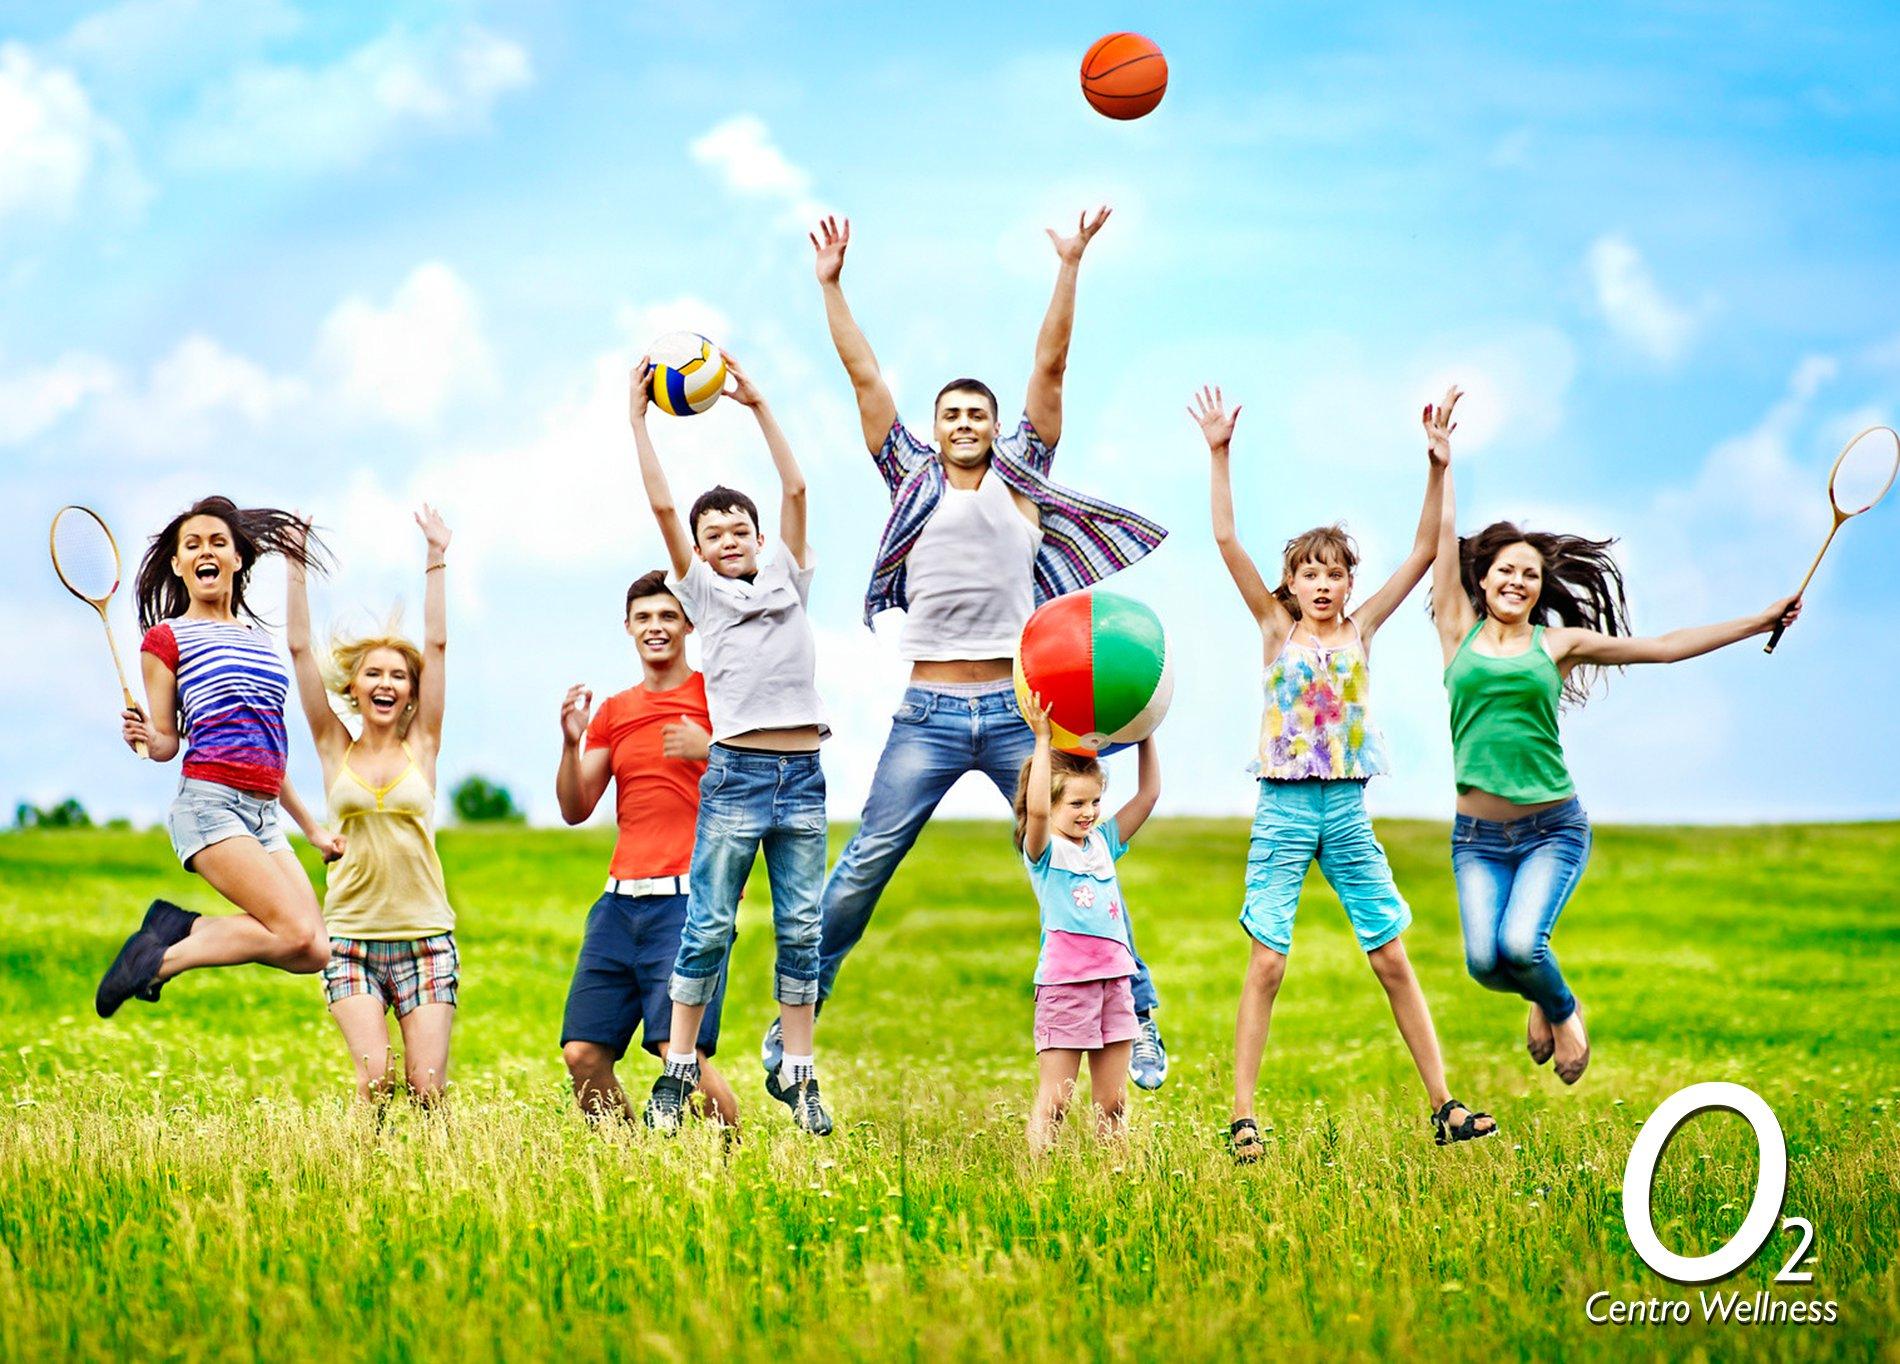 Los mejores planes para disfrutar el fin de semana o2 for Planes madrid fin de semana